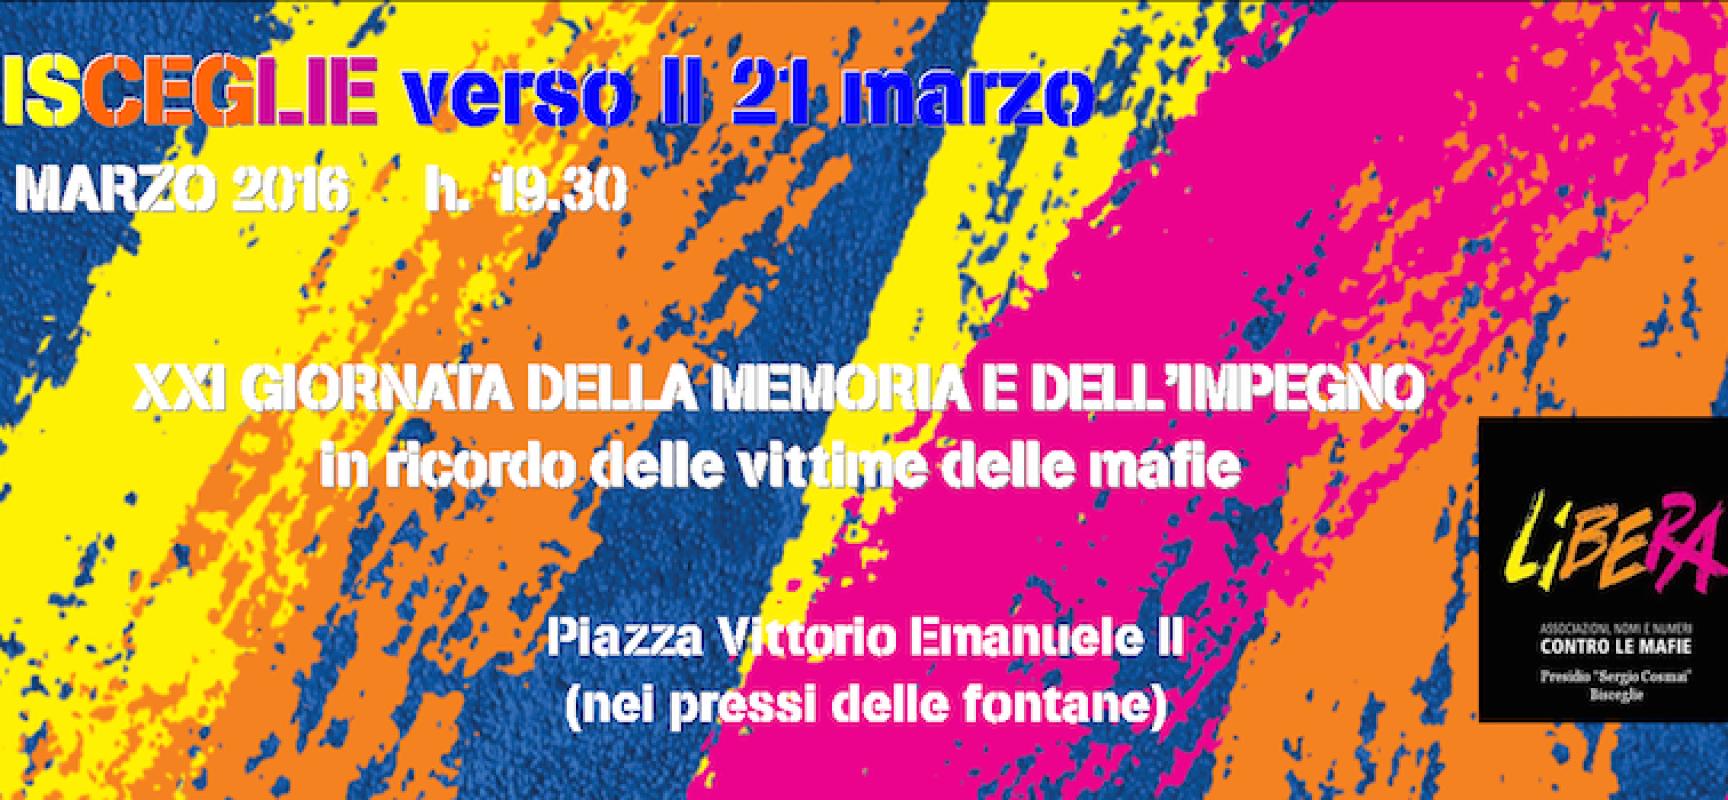 Giornata della Memoria e dell'Impegno, oggi in piazza il ricordo delle vittime di mafia